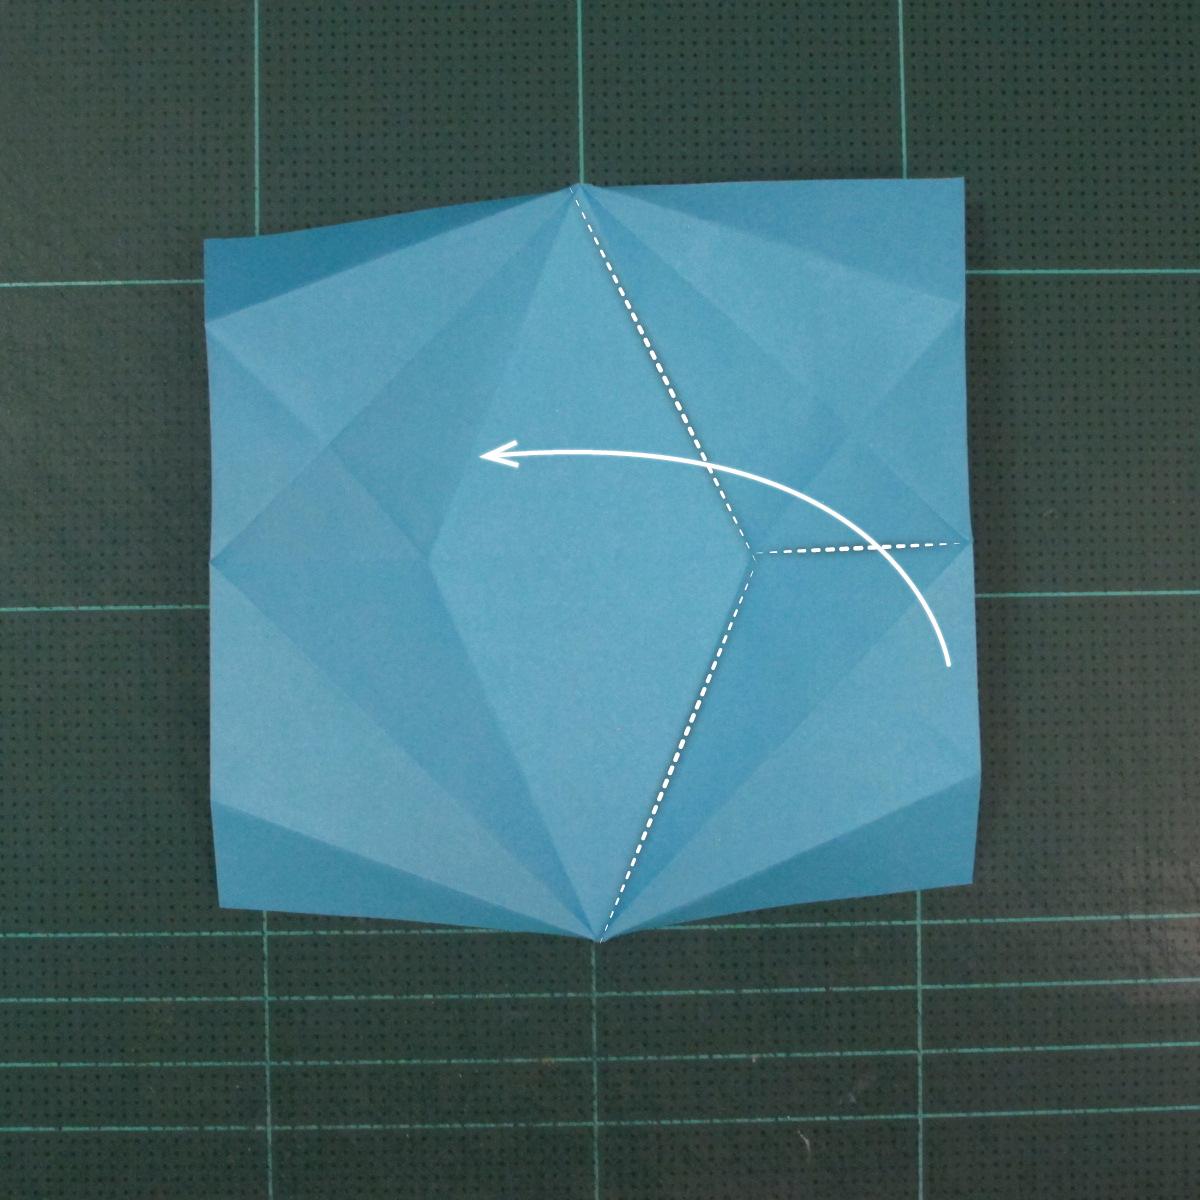 วิธีพับกระดาษเป็นถาดใส่ขนมรูปดาวแปดแฉก (Origami Eight Point Star Candy Tray) 009